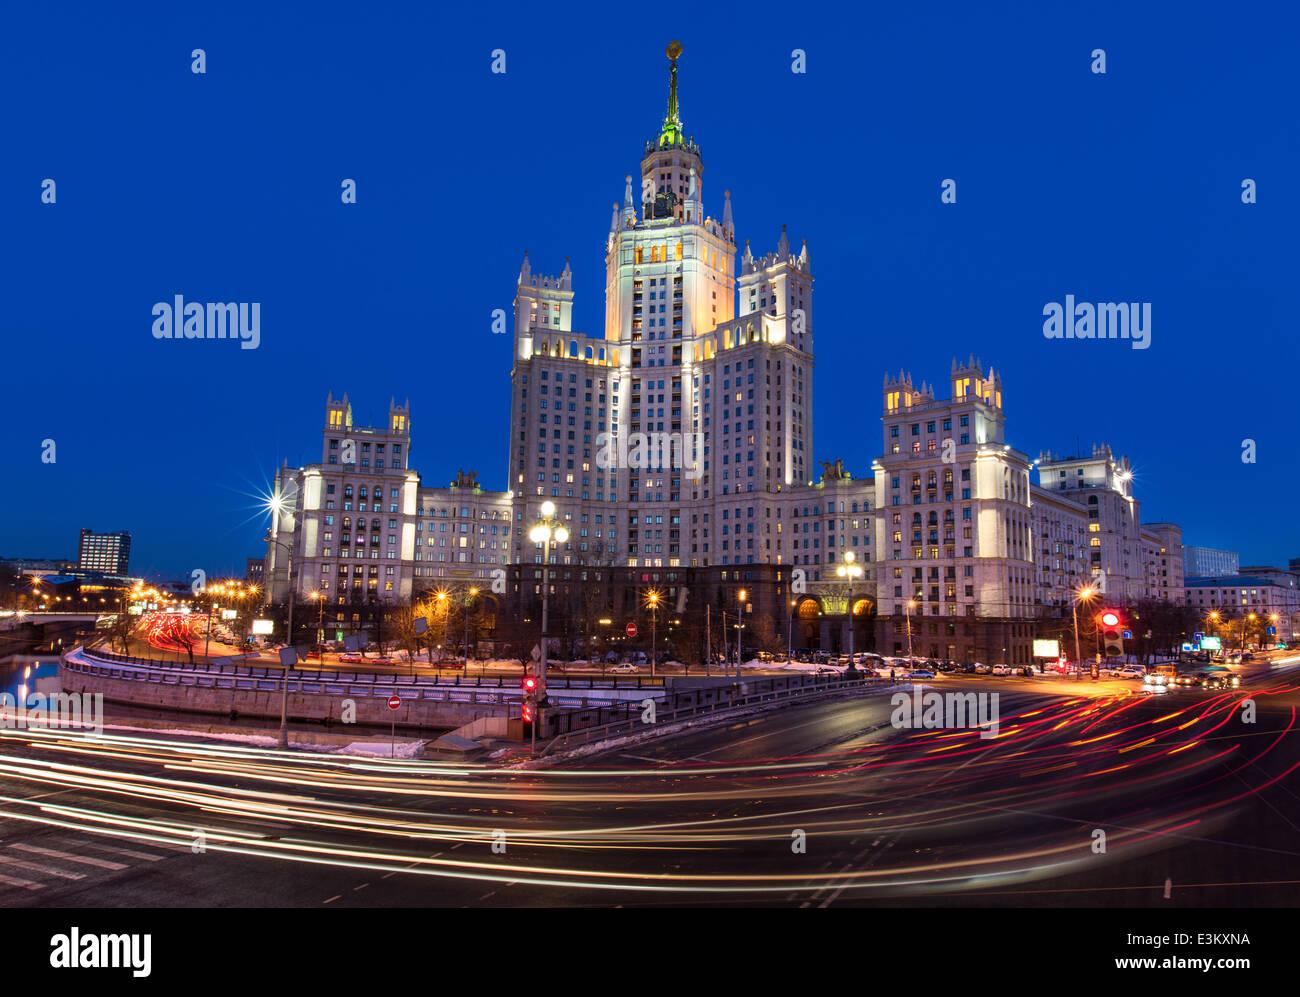 Vista notturna di Stalin grattacielo a Kotelnicheskya embankment nel centro di Mosca, Russia Immagini Stock